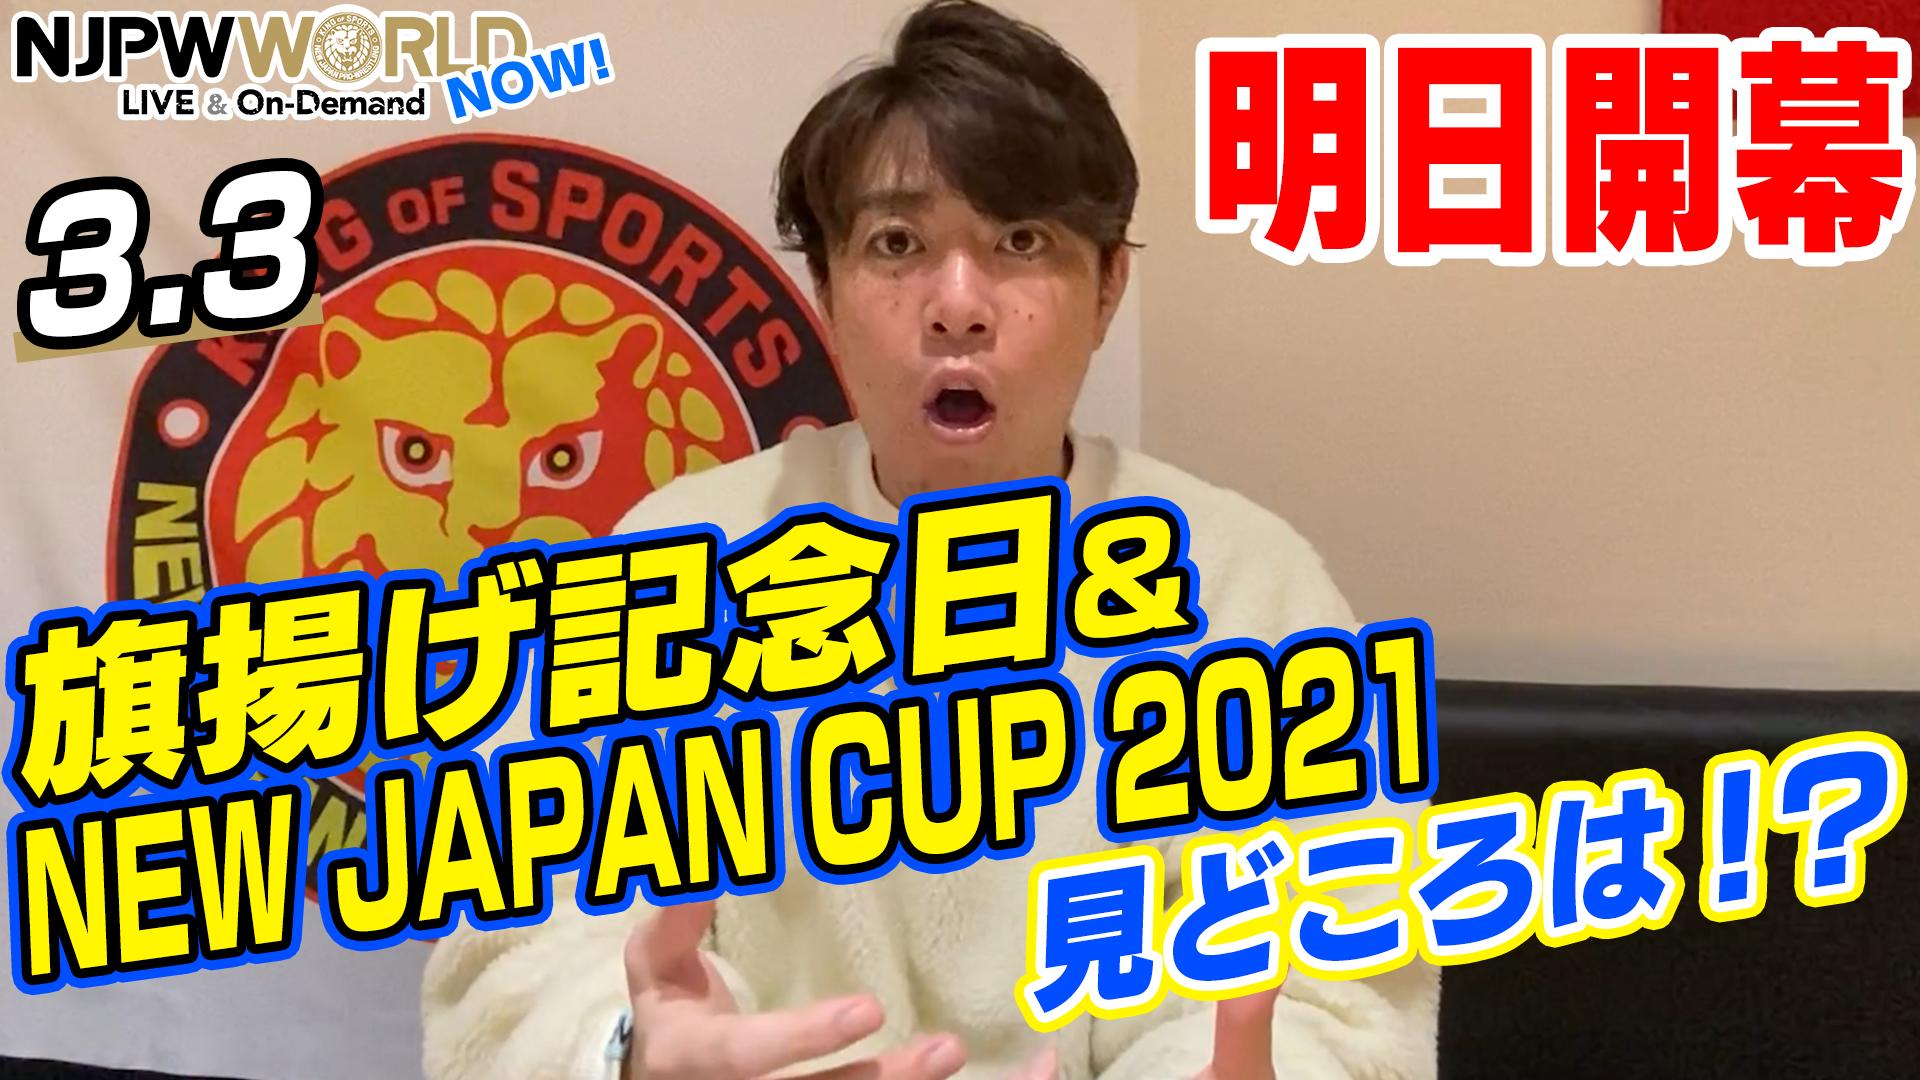 【明日開幕】「旗揚げ記念日」ダブル選手権&「NEWJAPANCUP2021」1回戦の見どころは⁉️ NJPWWORLD NOW!